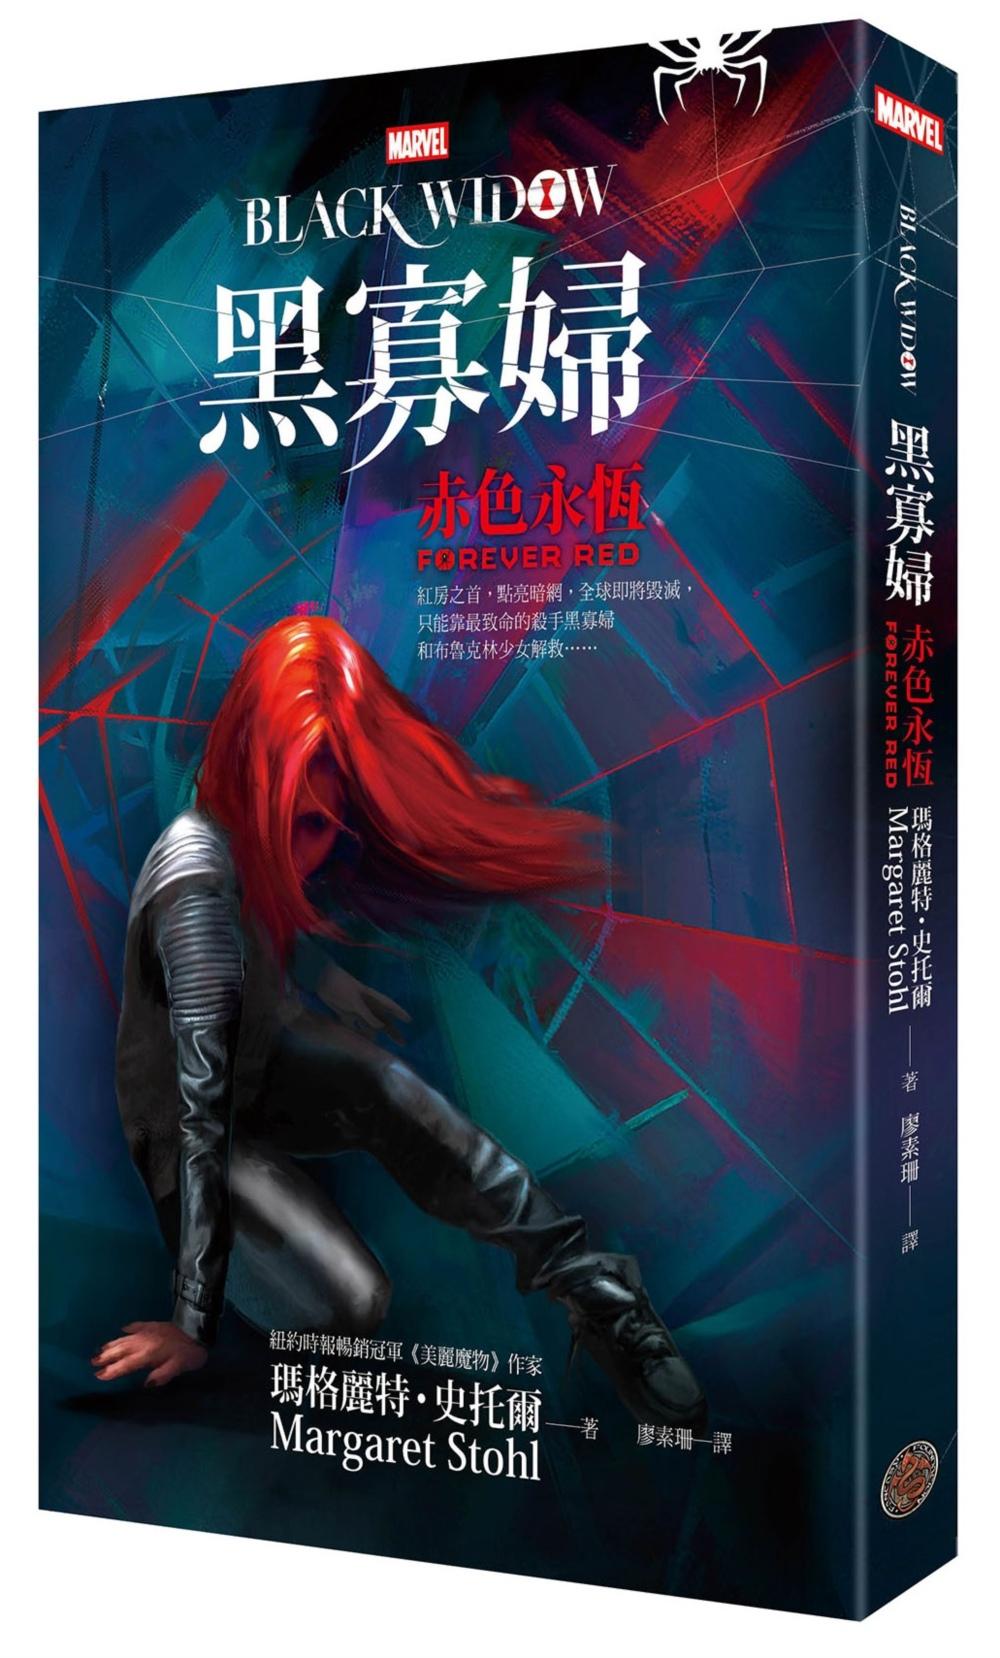 《黑寡婦:赤色永恆》 商品條碼,ISBN:9789869500746